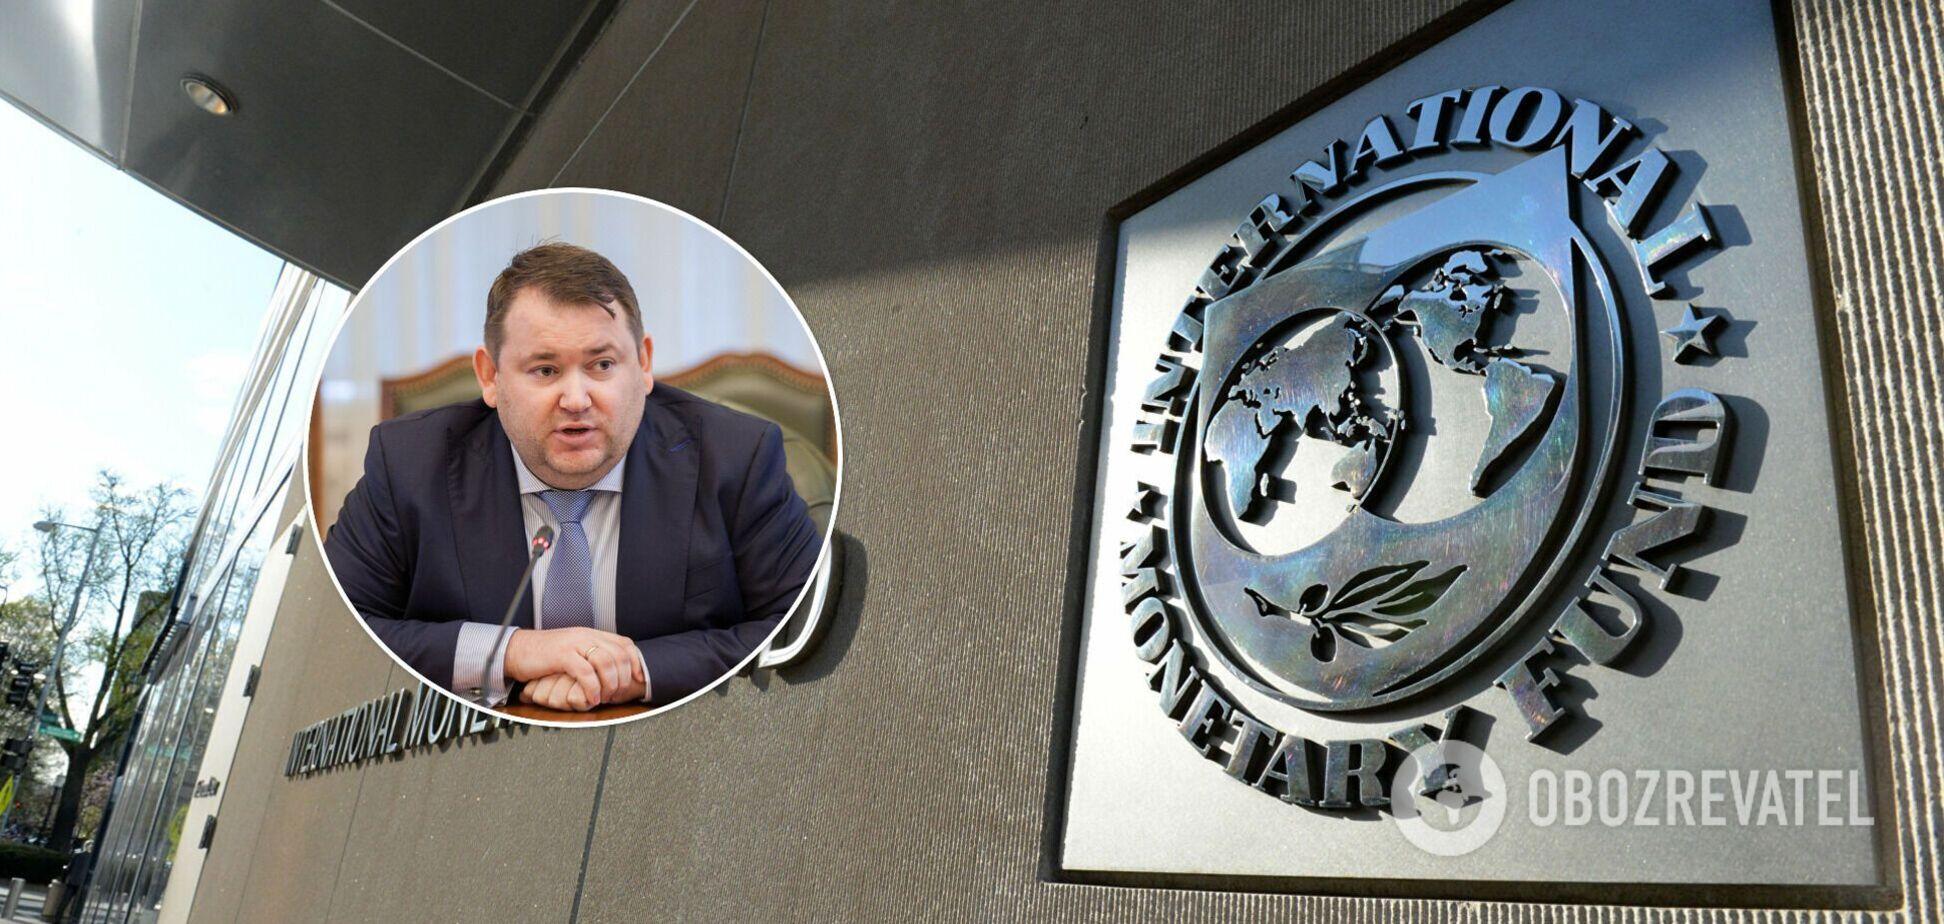 В Украину приедет миссия МВФ: озвучены сроки и другие детали